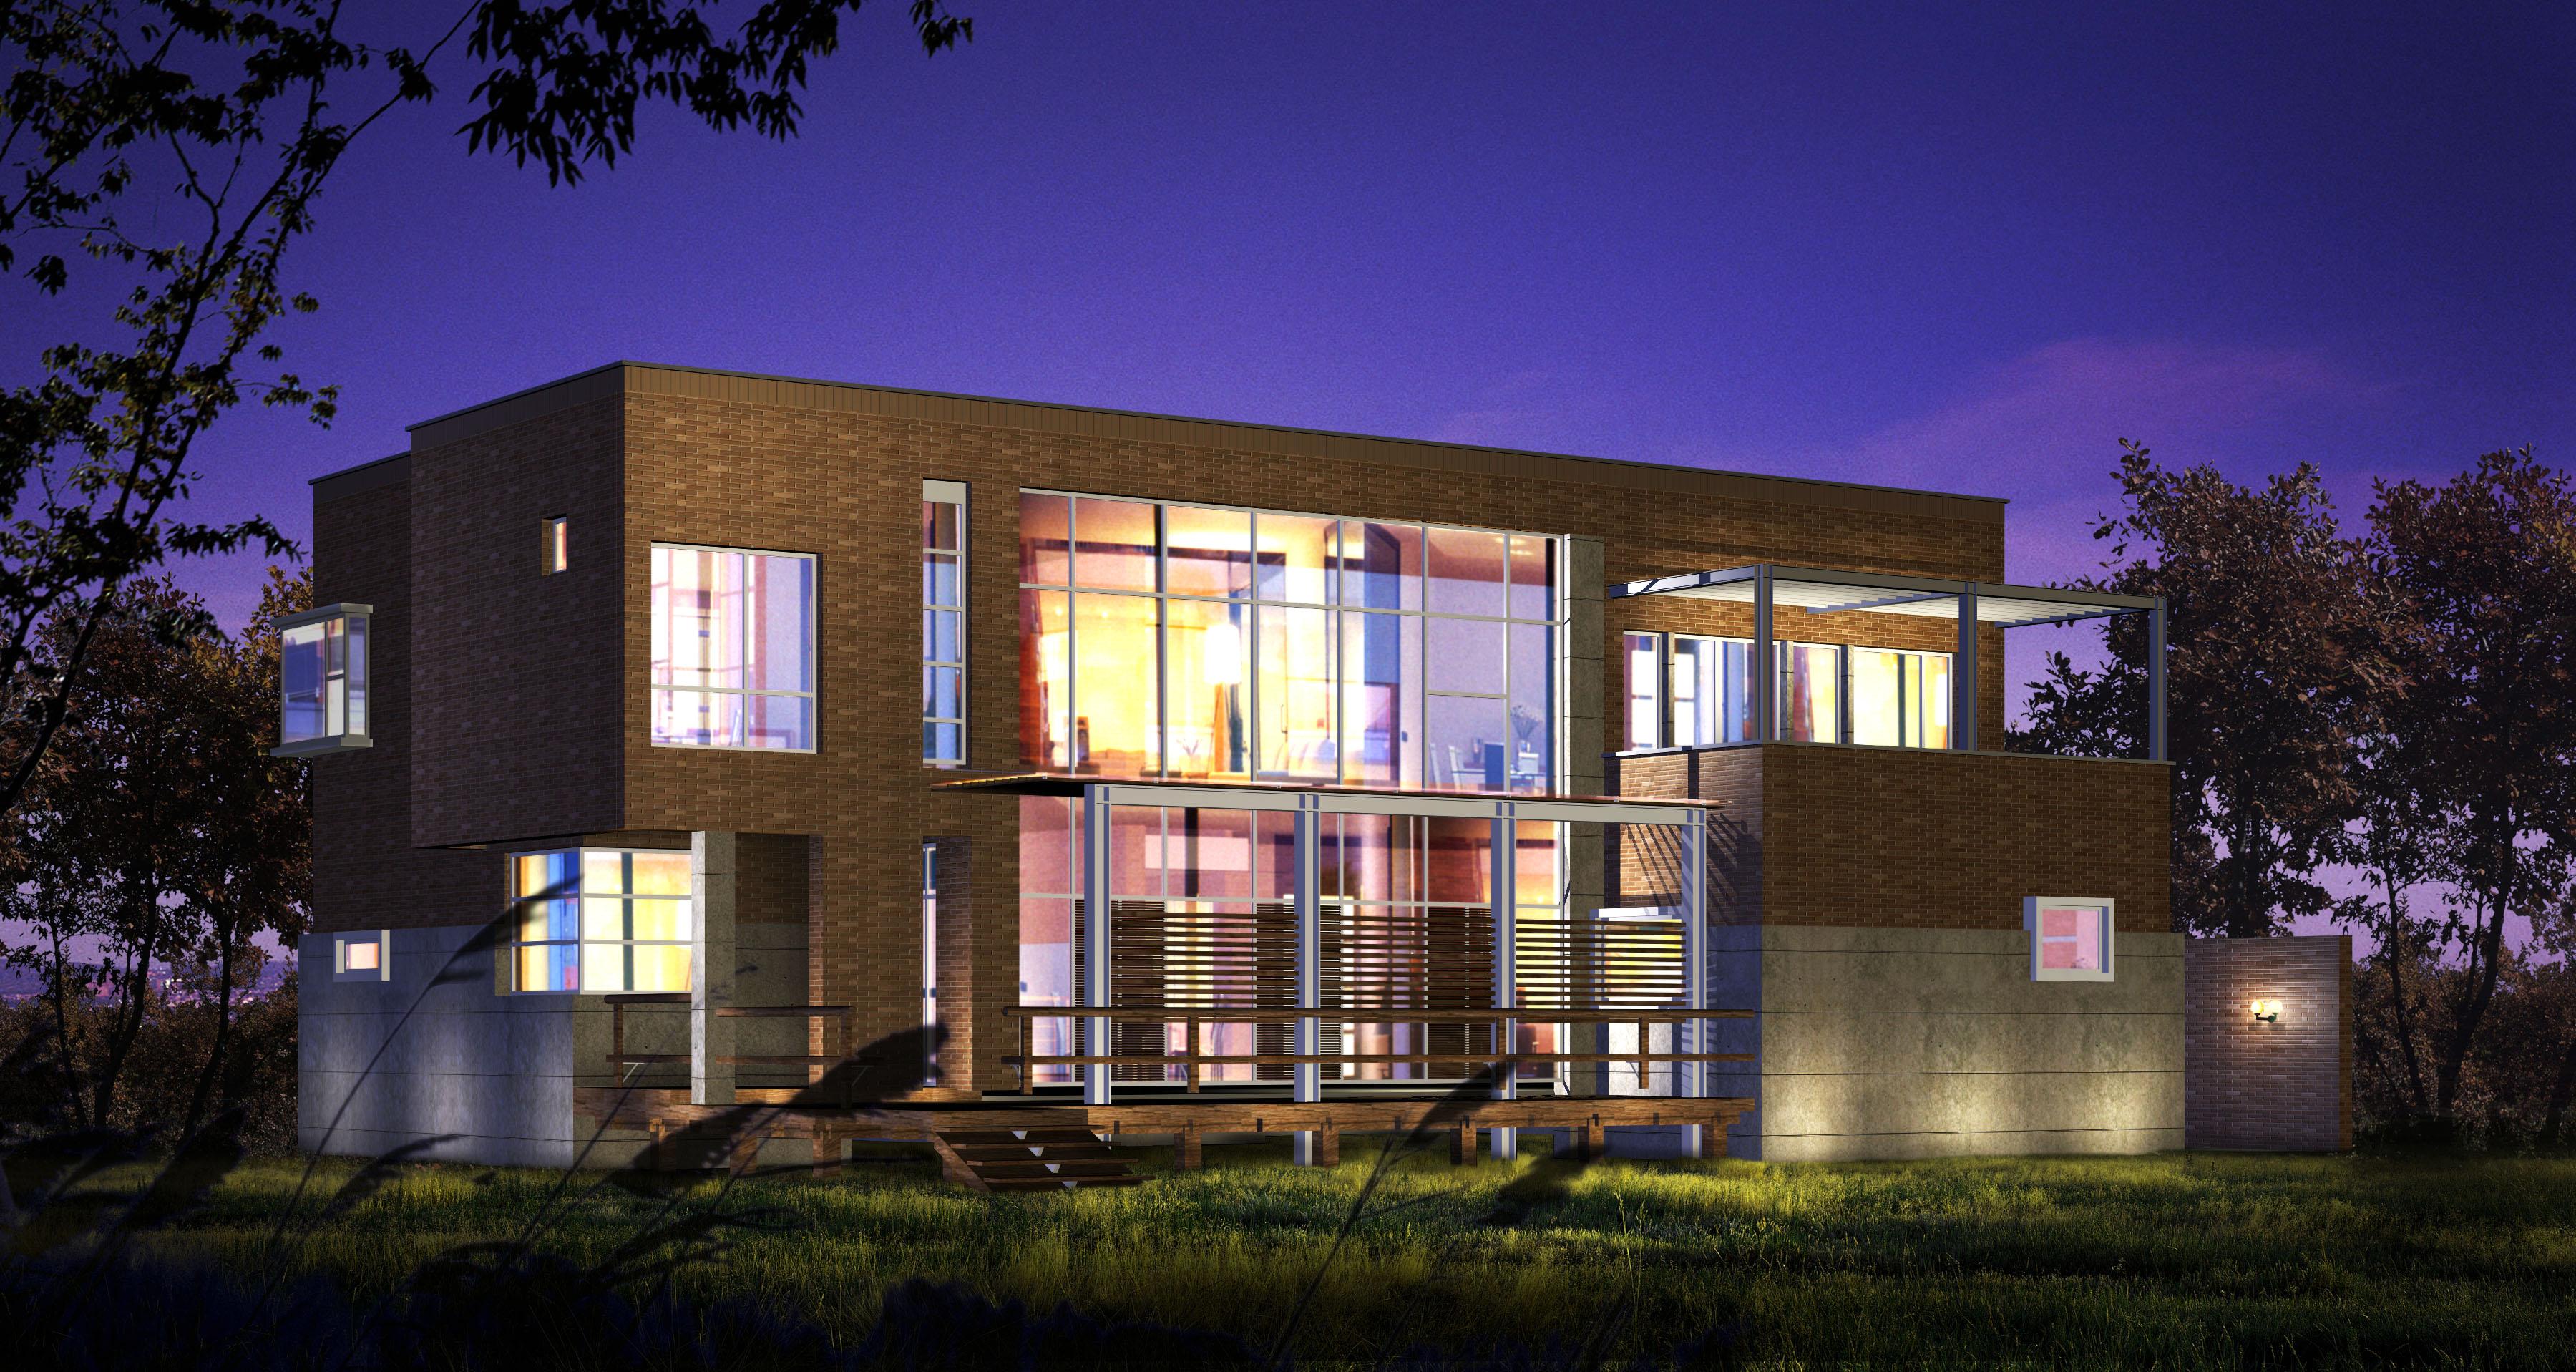 орчин үеийн байшин 013 3d загвар max 123128